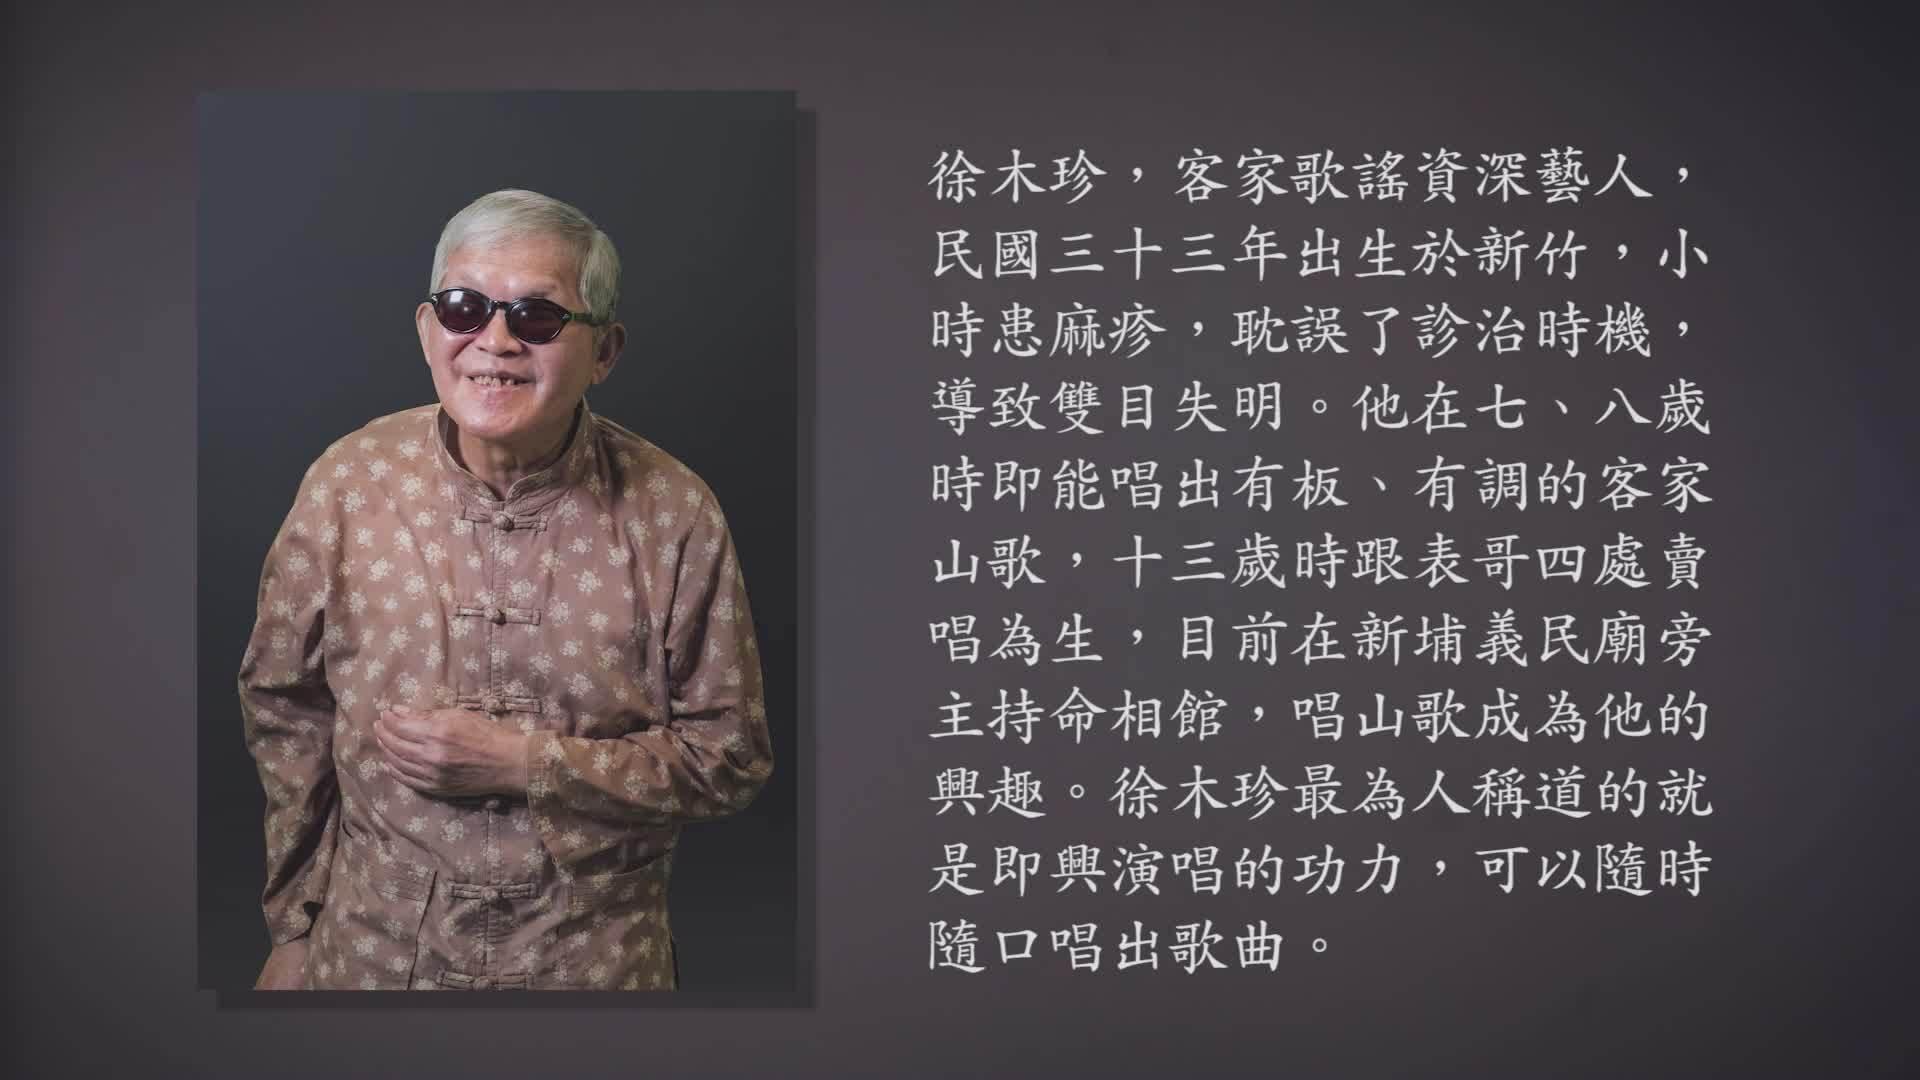 技藝.記憶-傳統藝術藝人口述歷史影像紀錄計畫-徐木珍精華片段